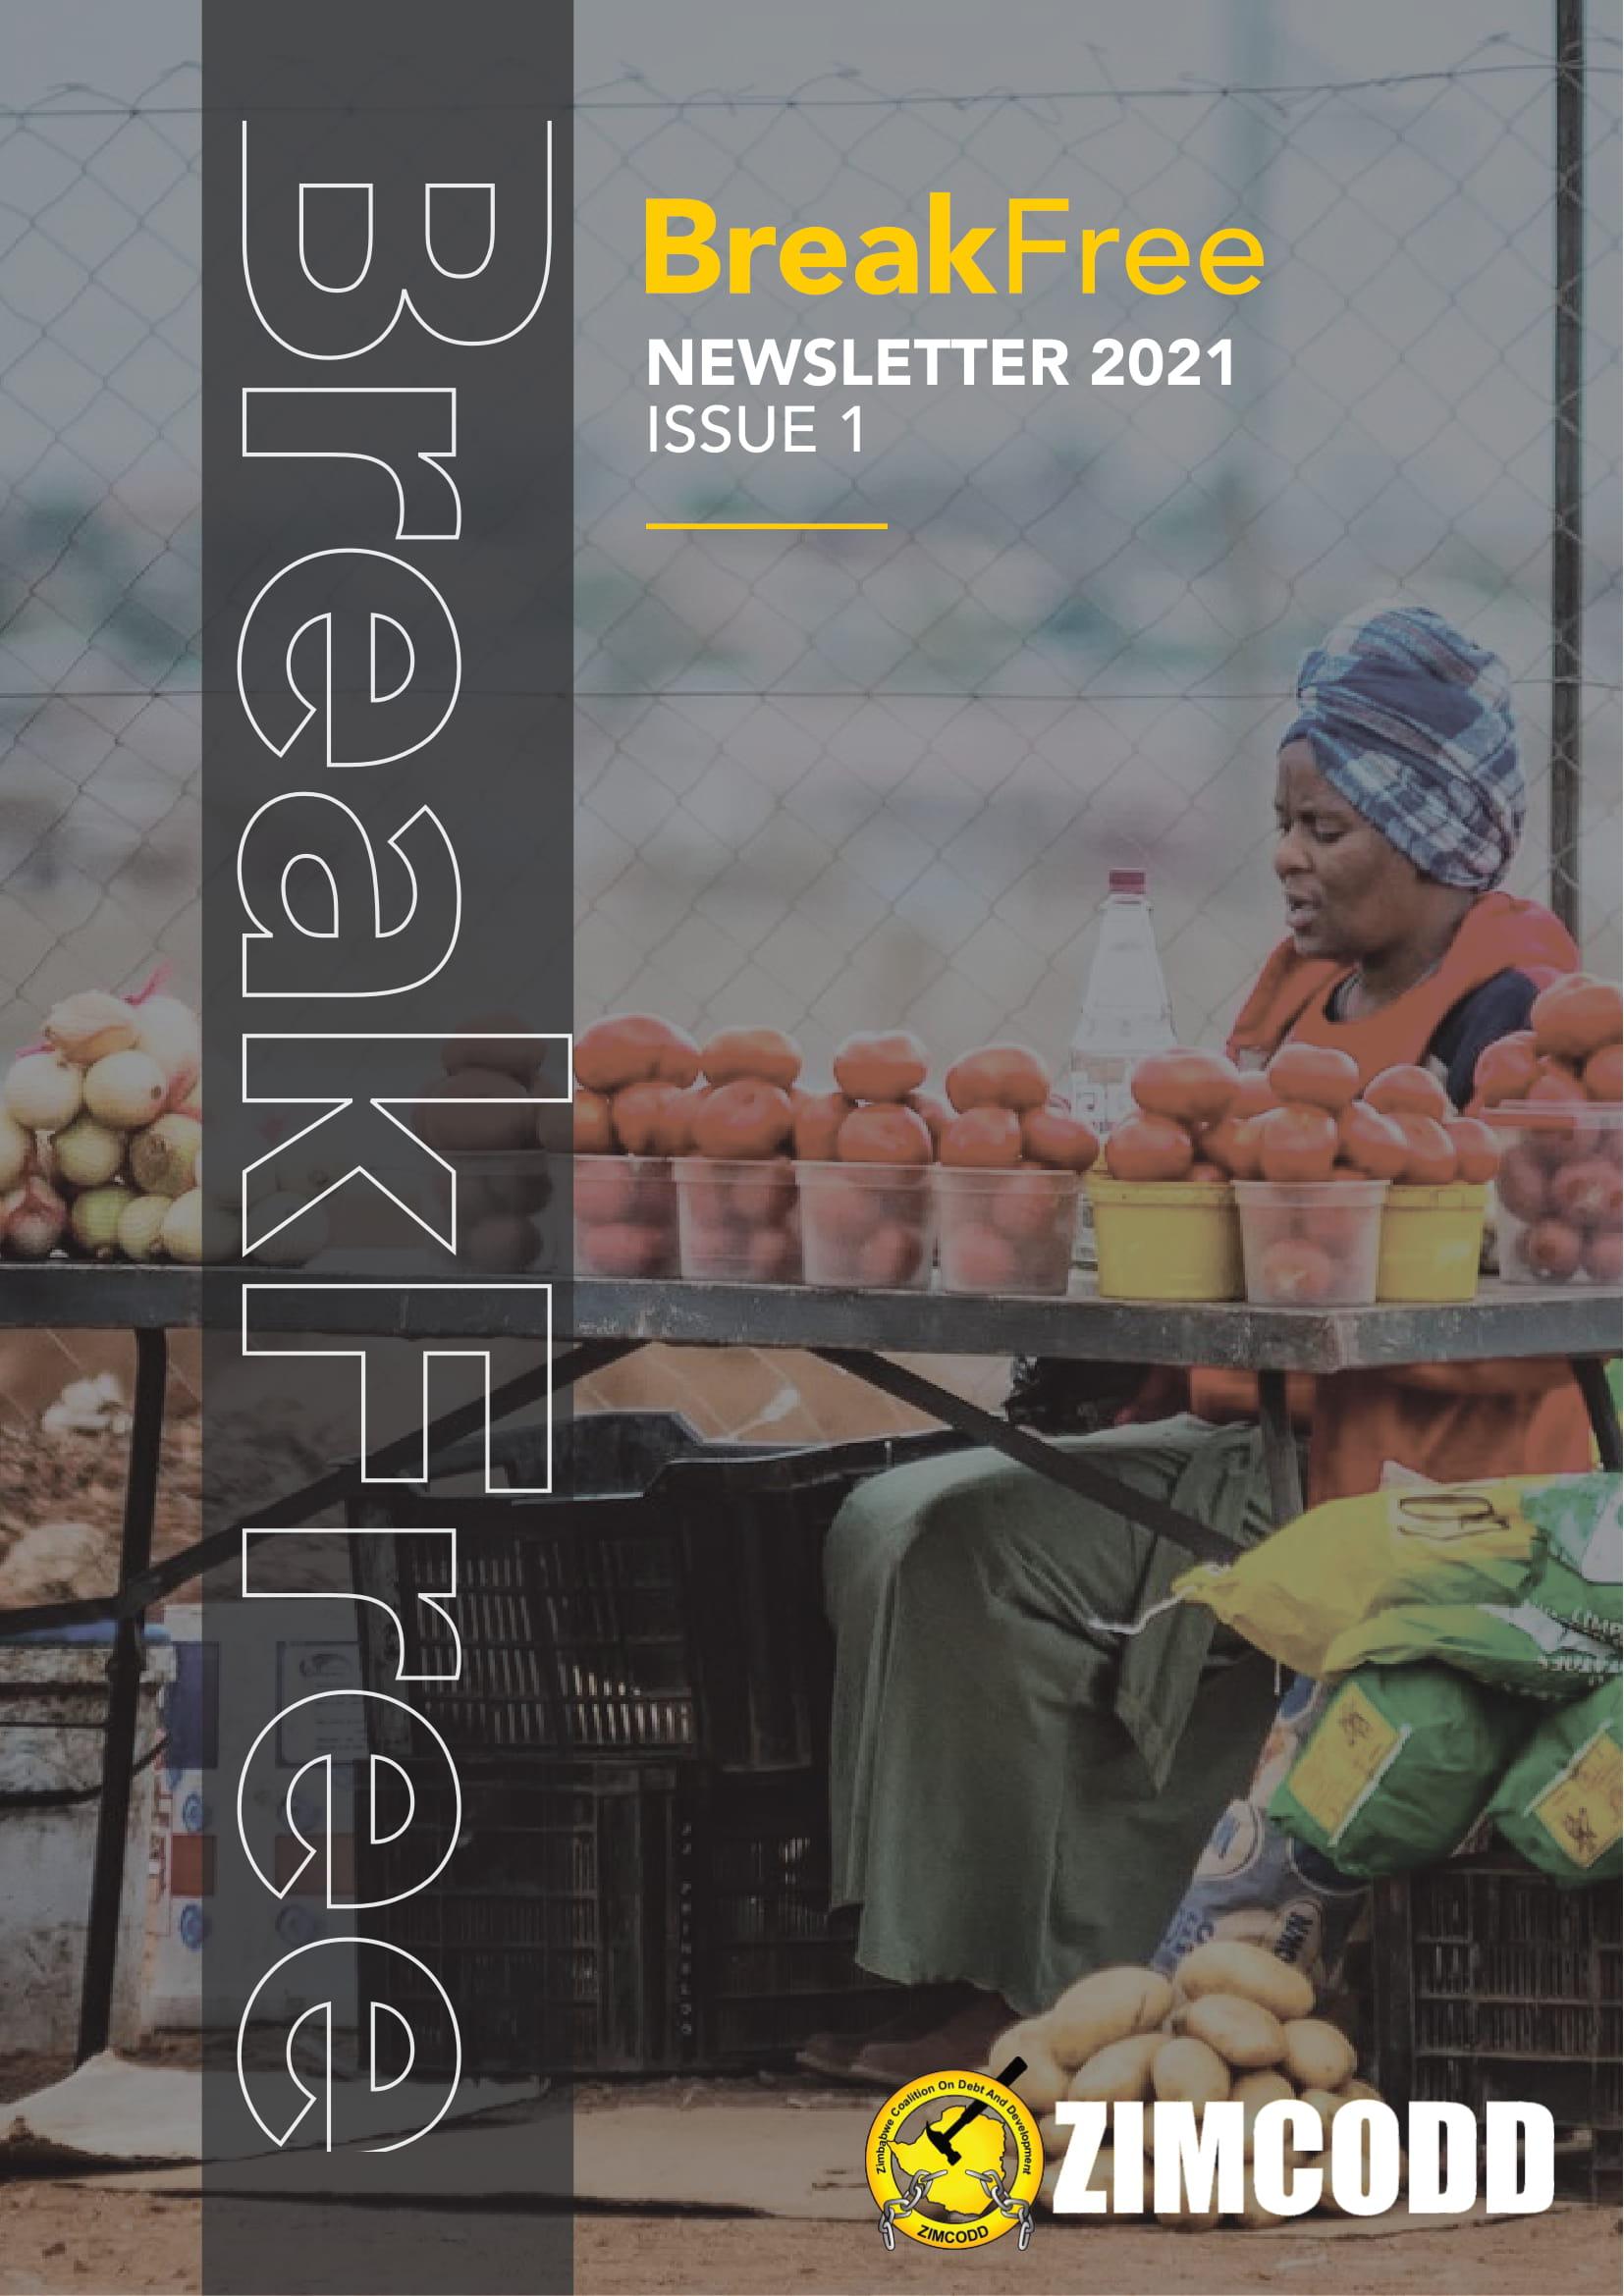 ZIMCODD Breakfree Newsletter Issue 1 - 2021-01